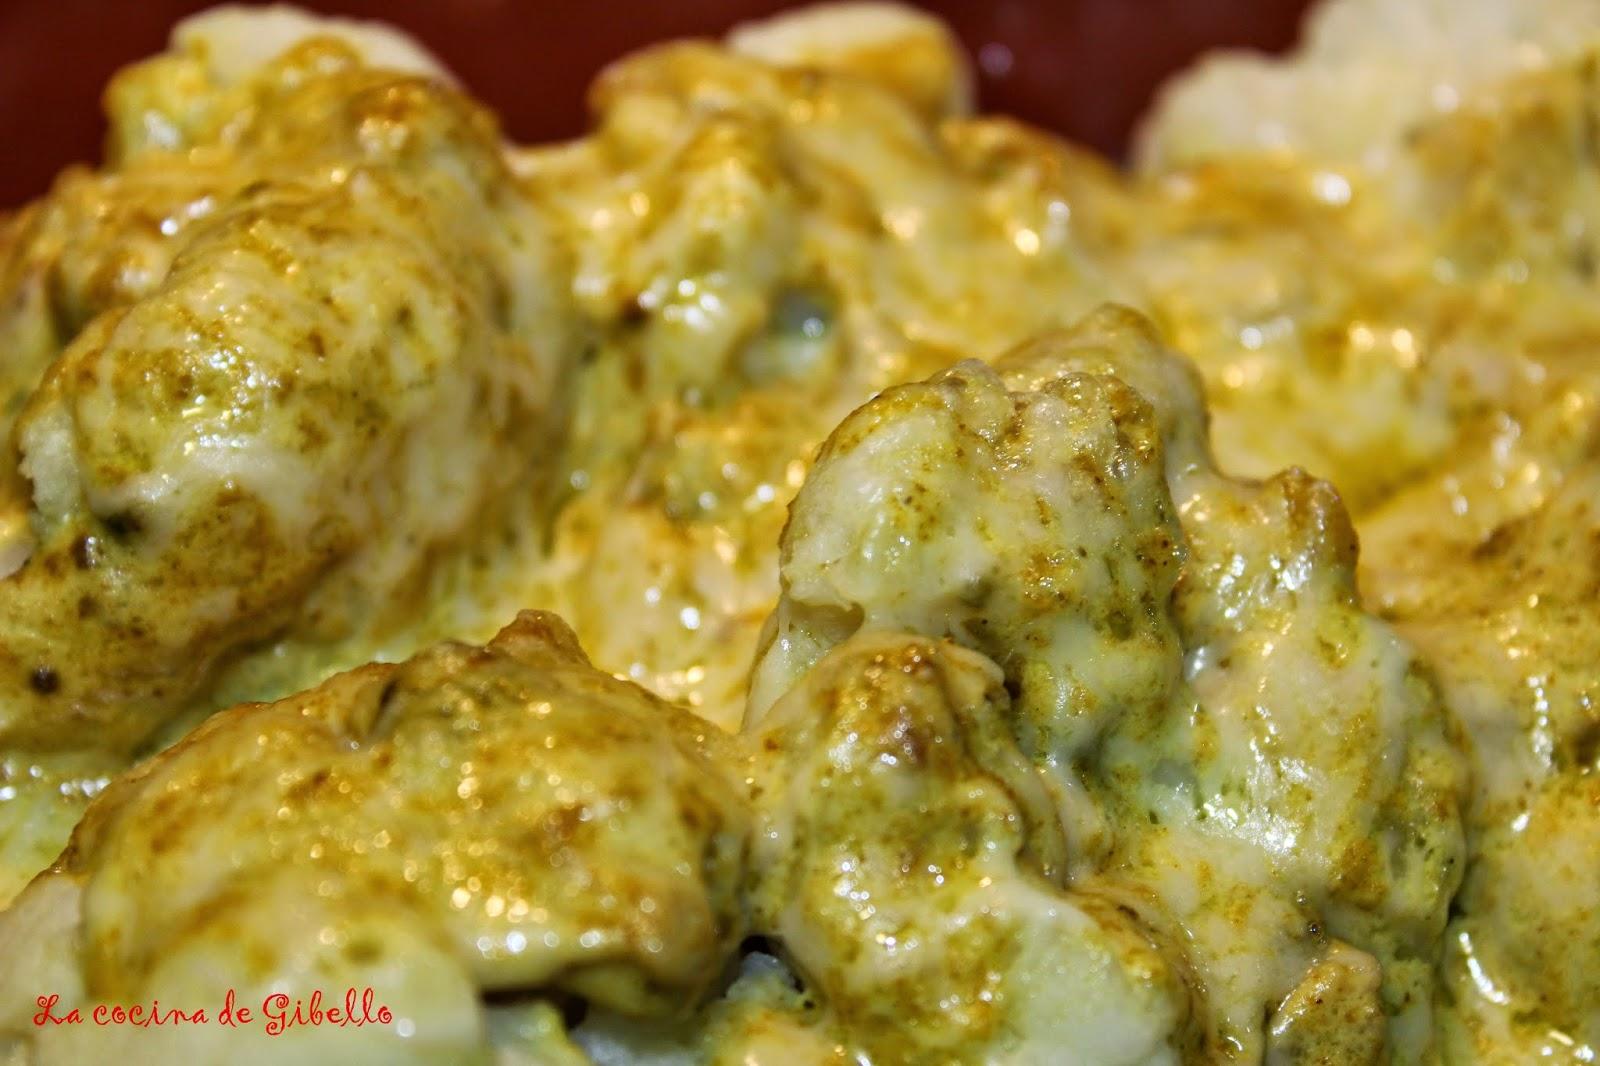 Coliflor Al Curry La Cocina De Gibello